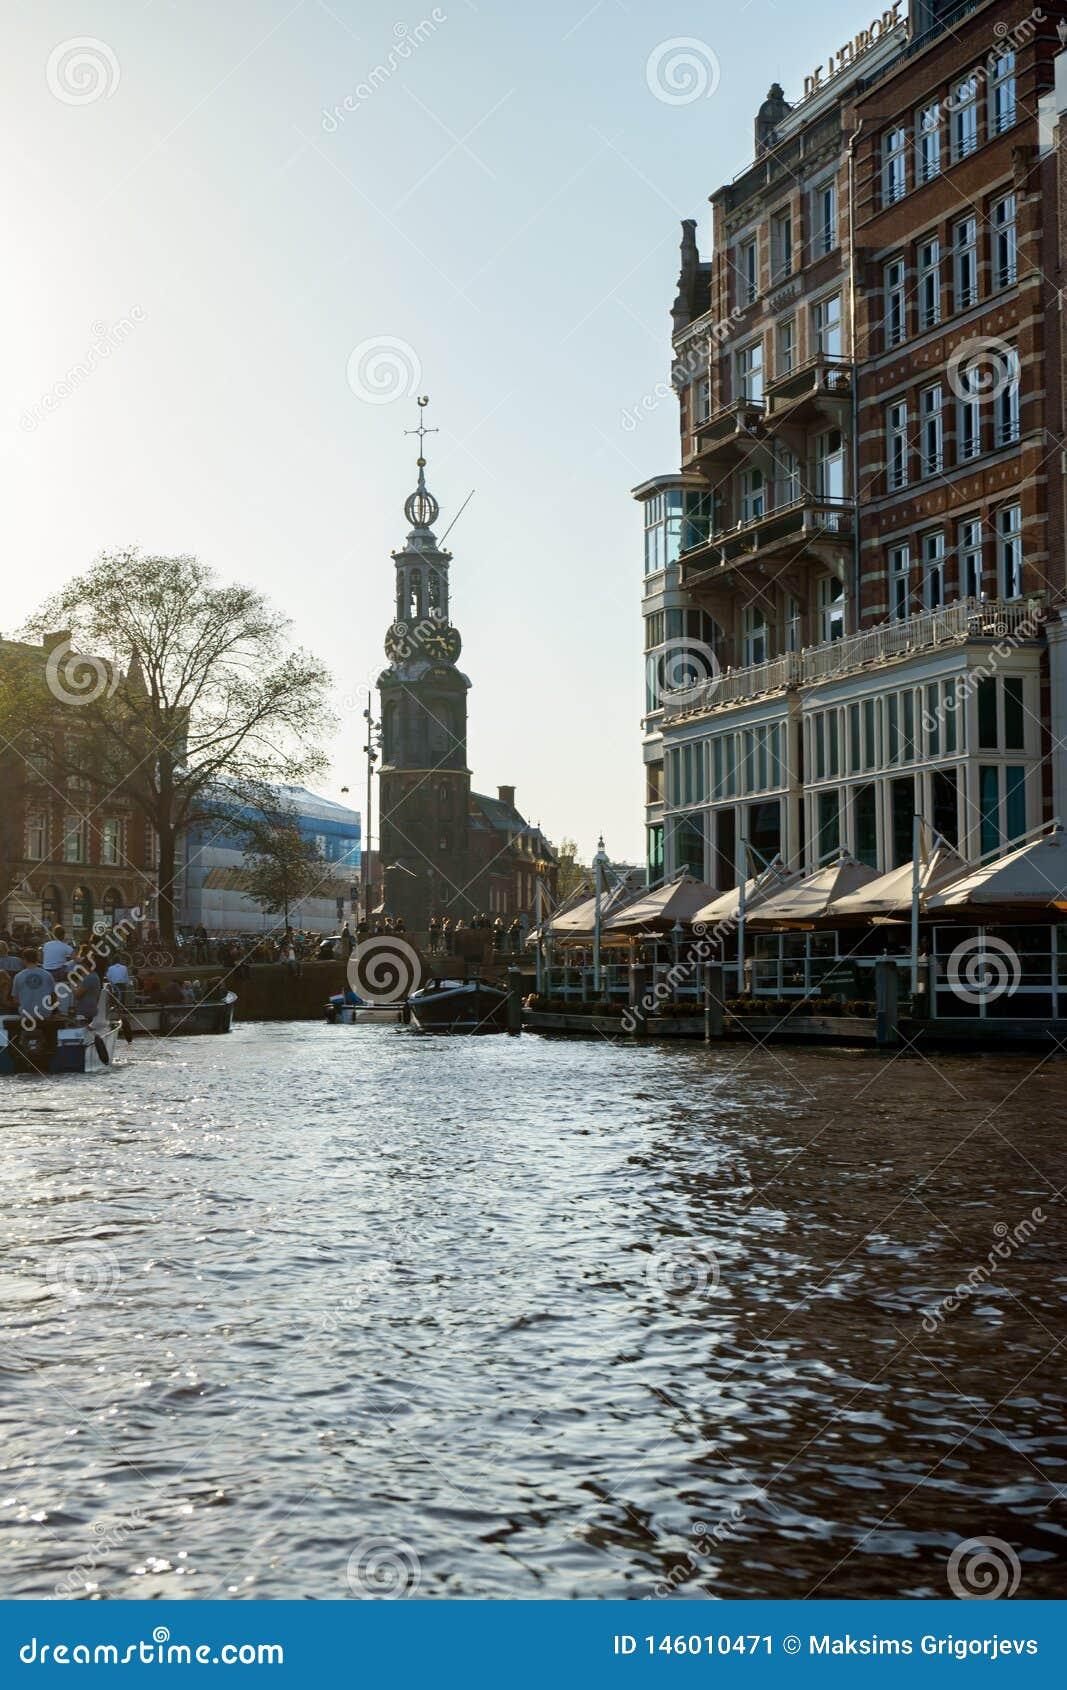 Kanalansichten über Munttoren-Turm in Amsterdam, die Niederlande, am 13. Oktober 2017